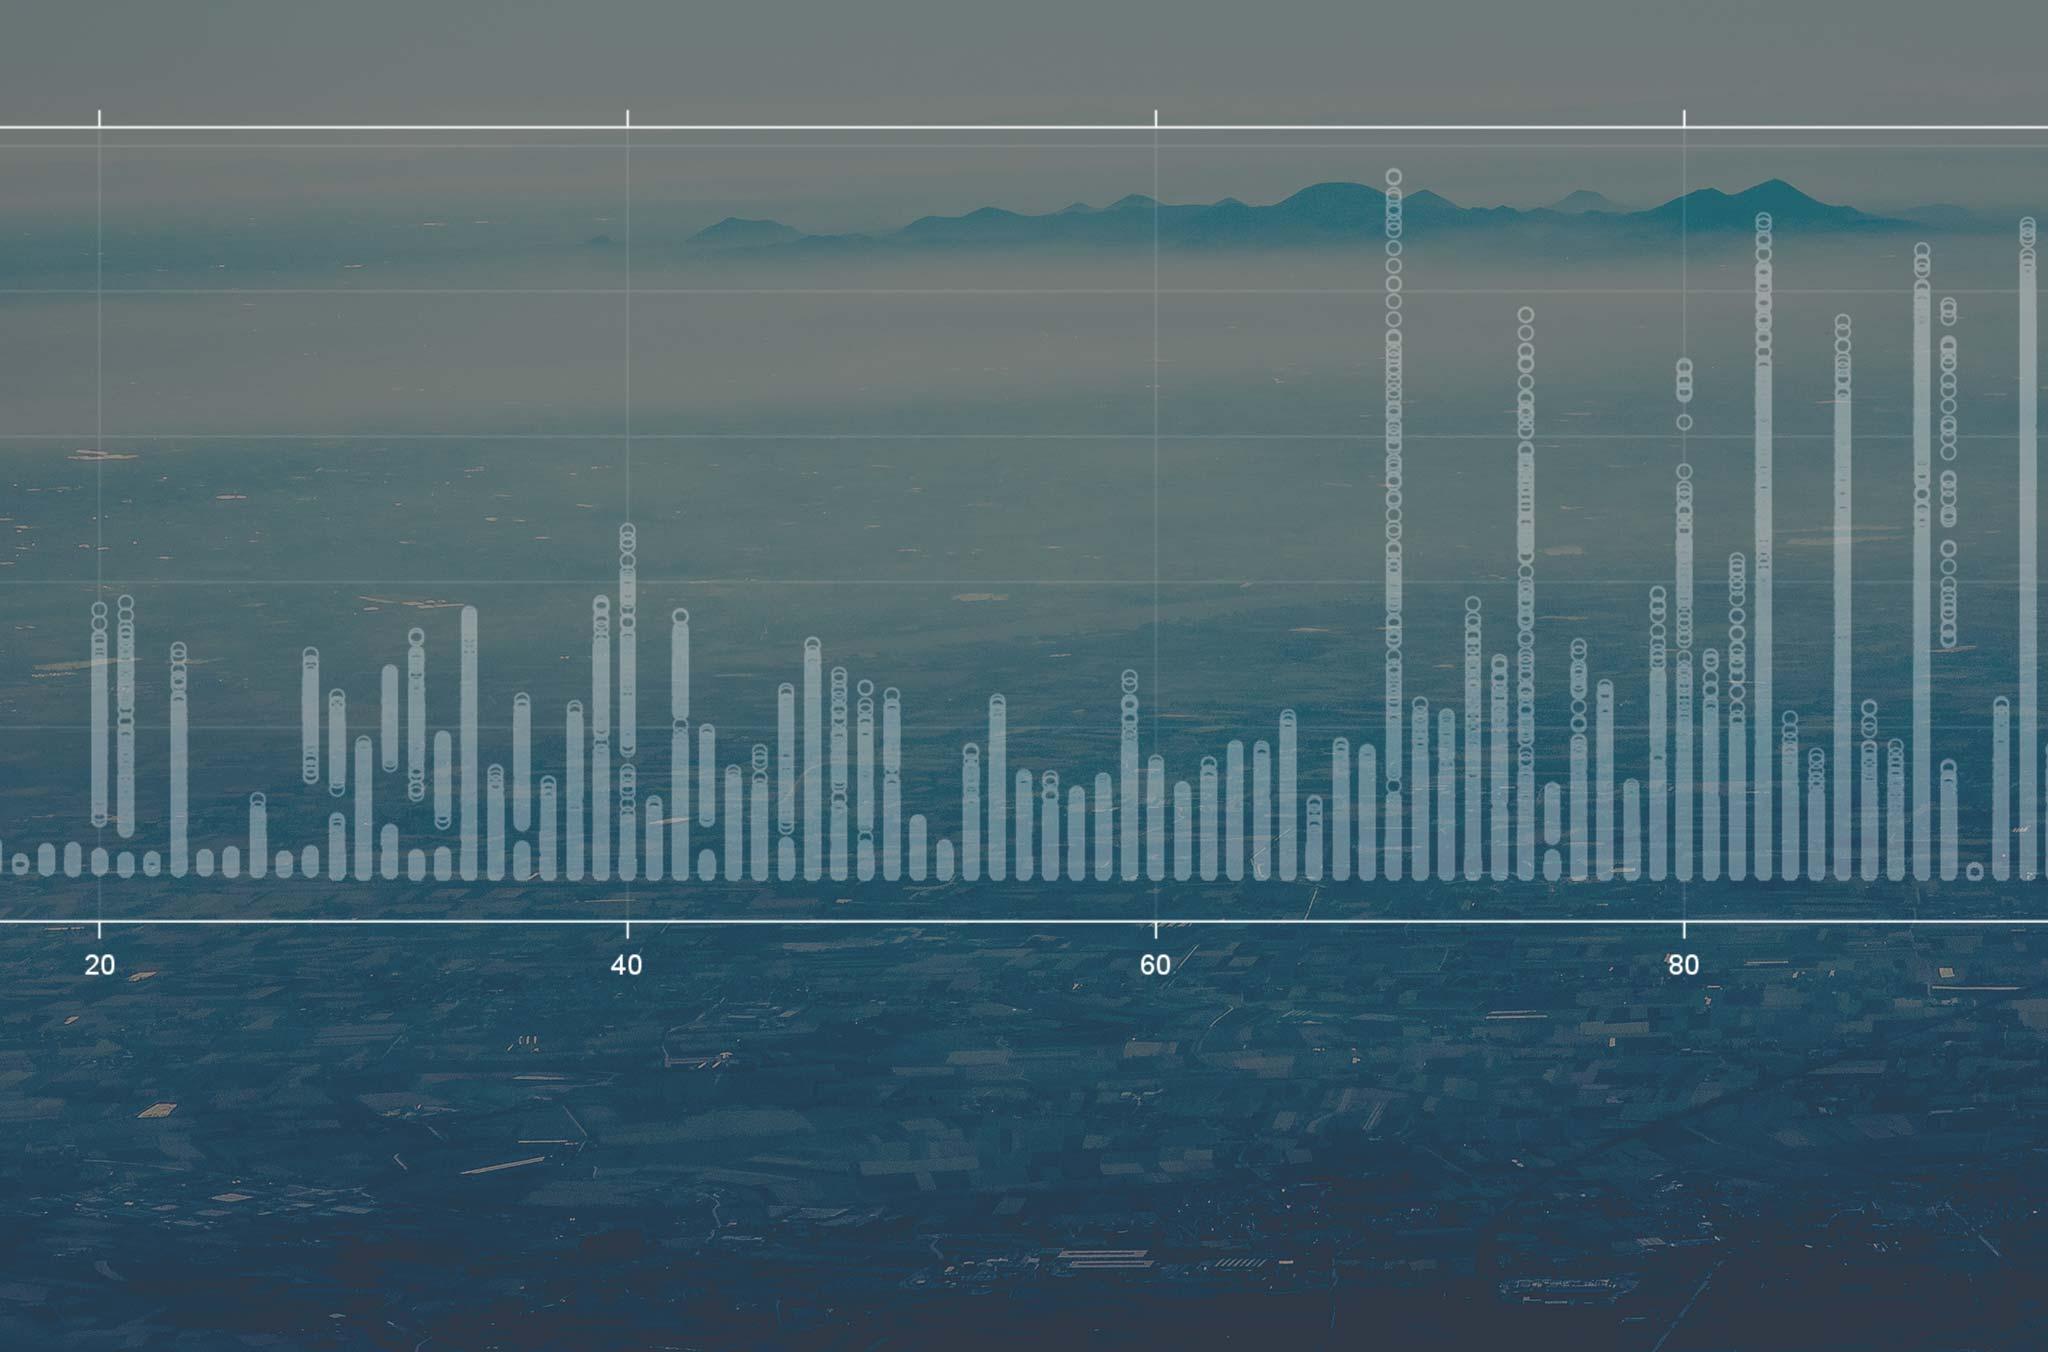 How to: Airsift Data Analysis